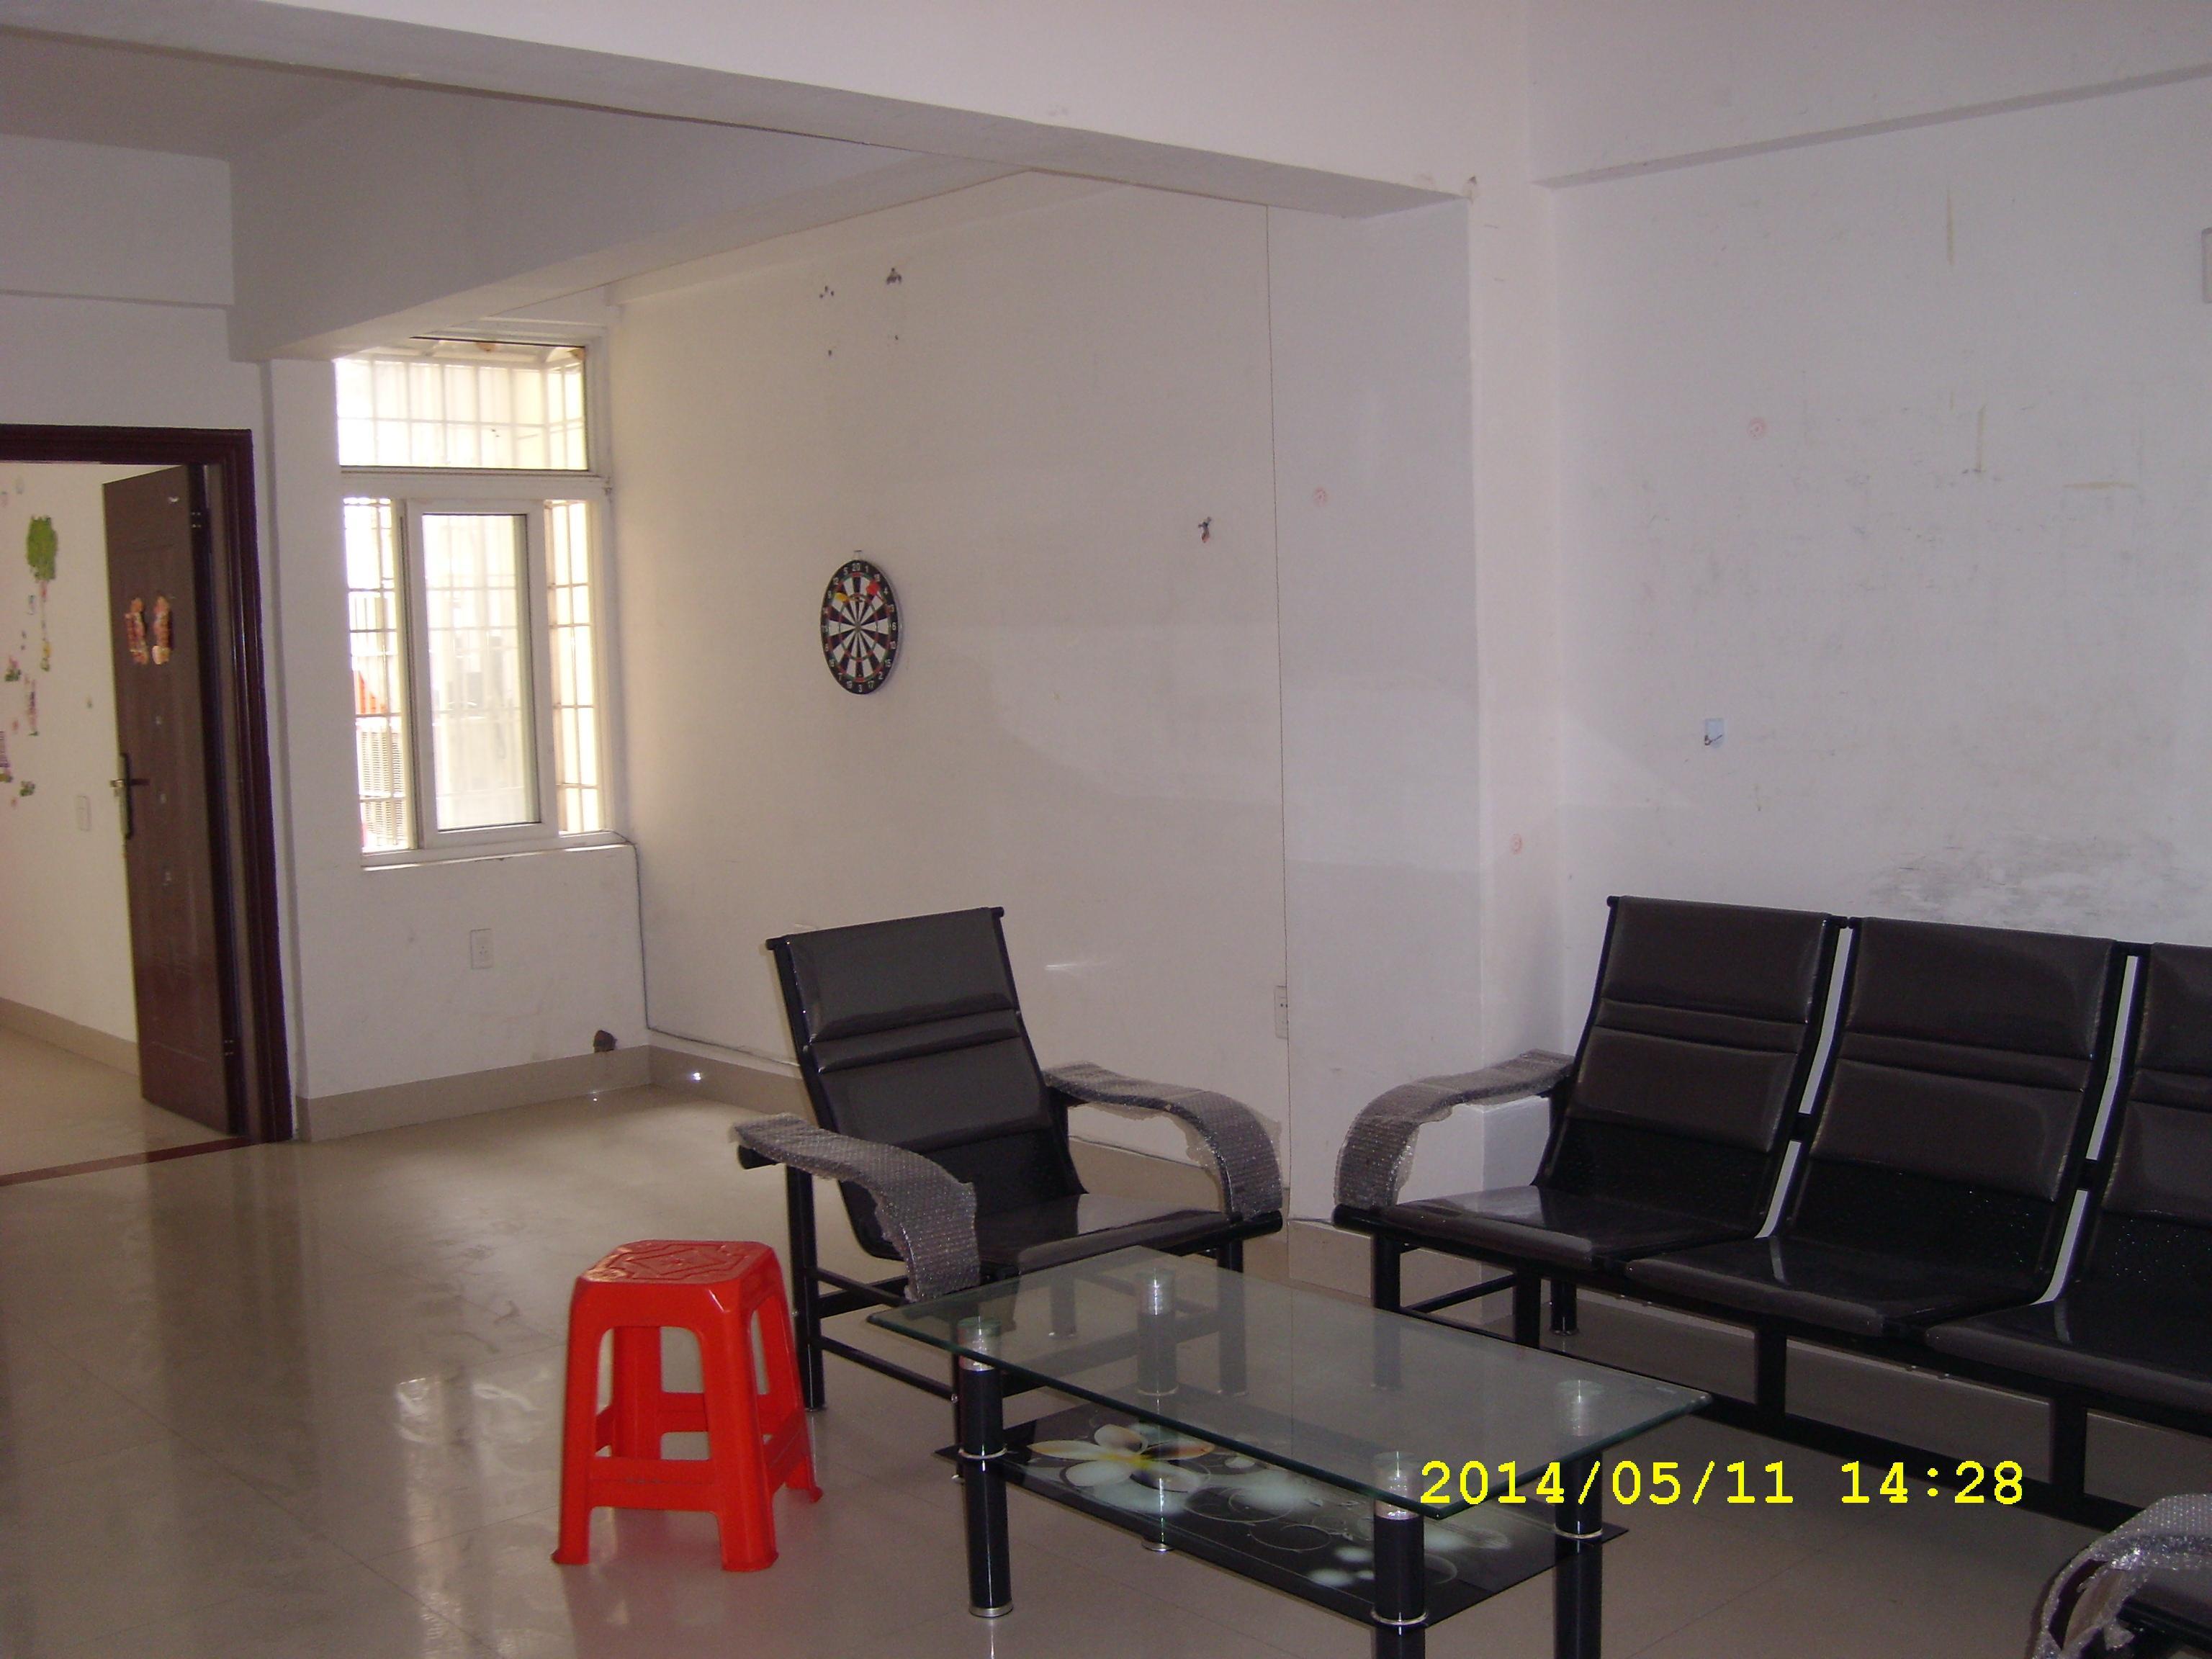 城厢安福小区 2室2厅 93平米 精装修 押二付一-